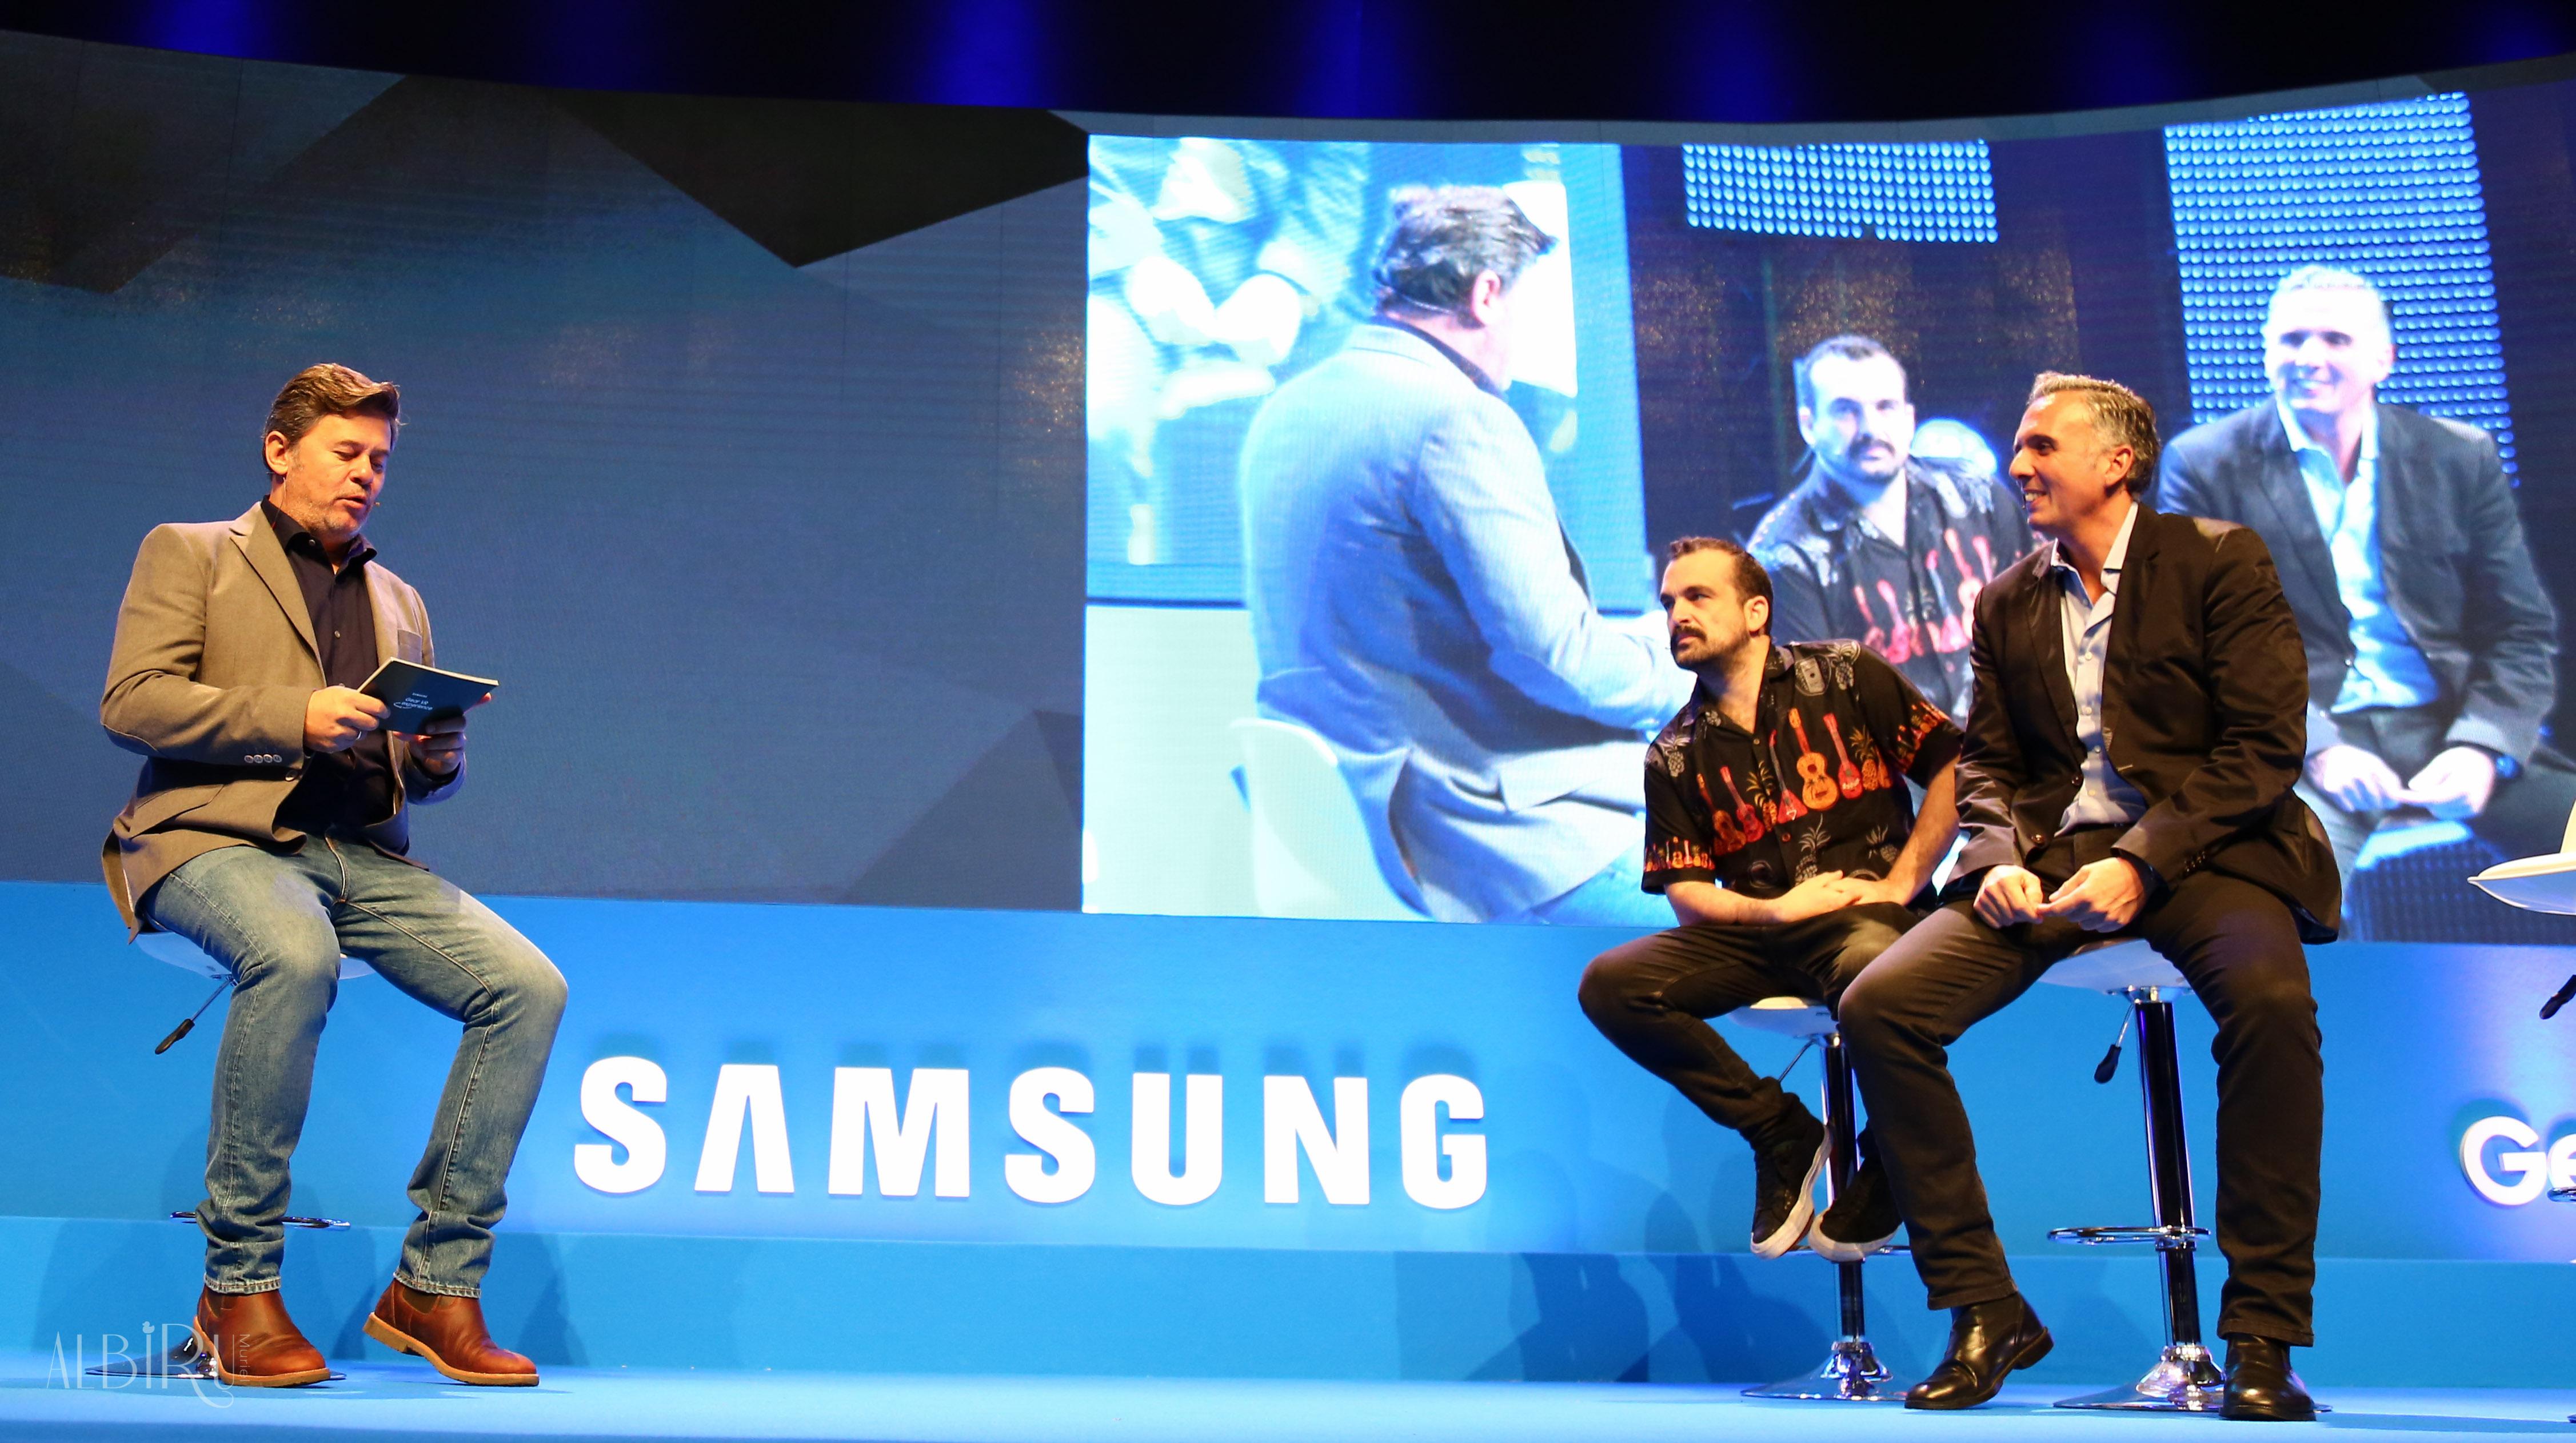 Miki nadal con nacho vigalondo en el Samsung MADFUN